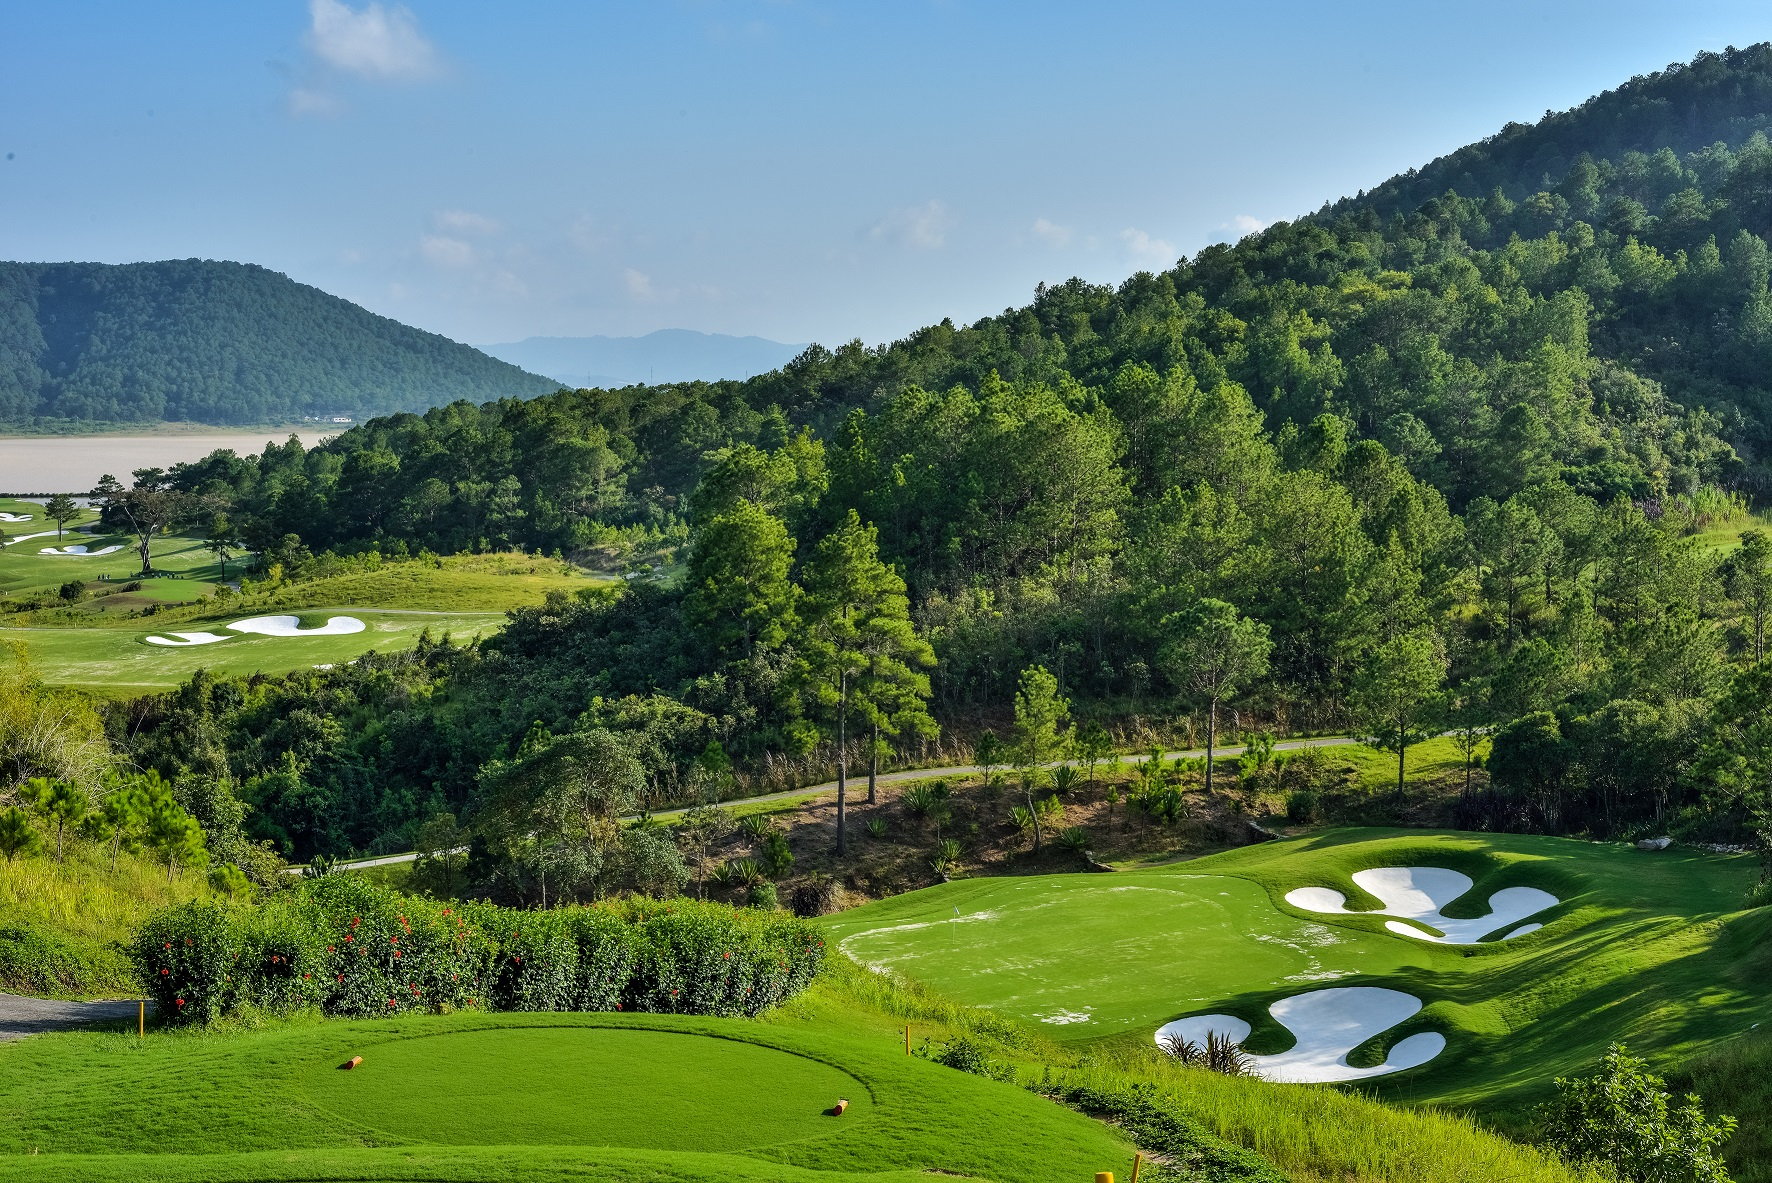 Bảng giá sân golf The Đà Lạt 1200 ( sân golf The Dàlat at 1200)